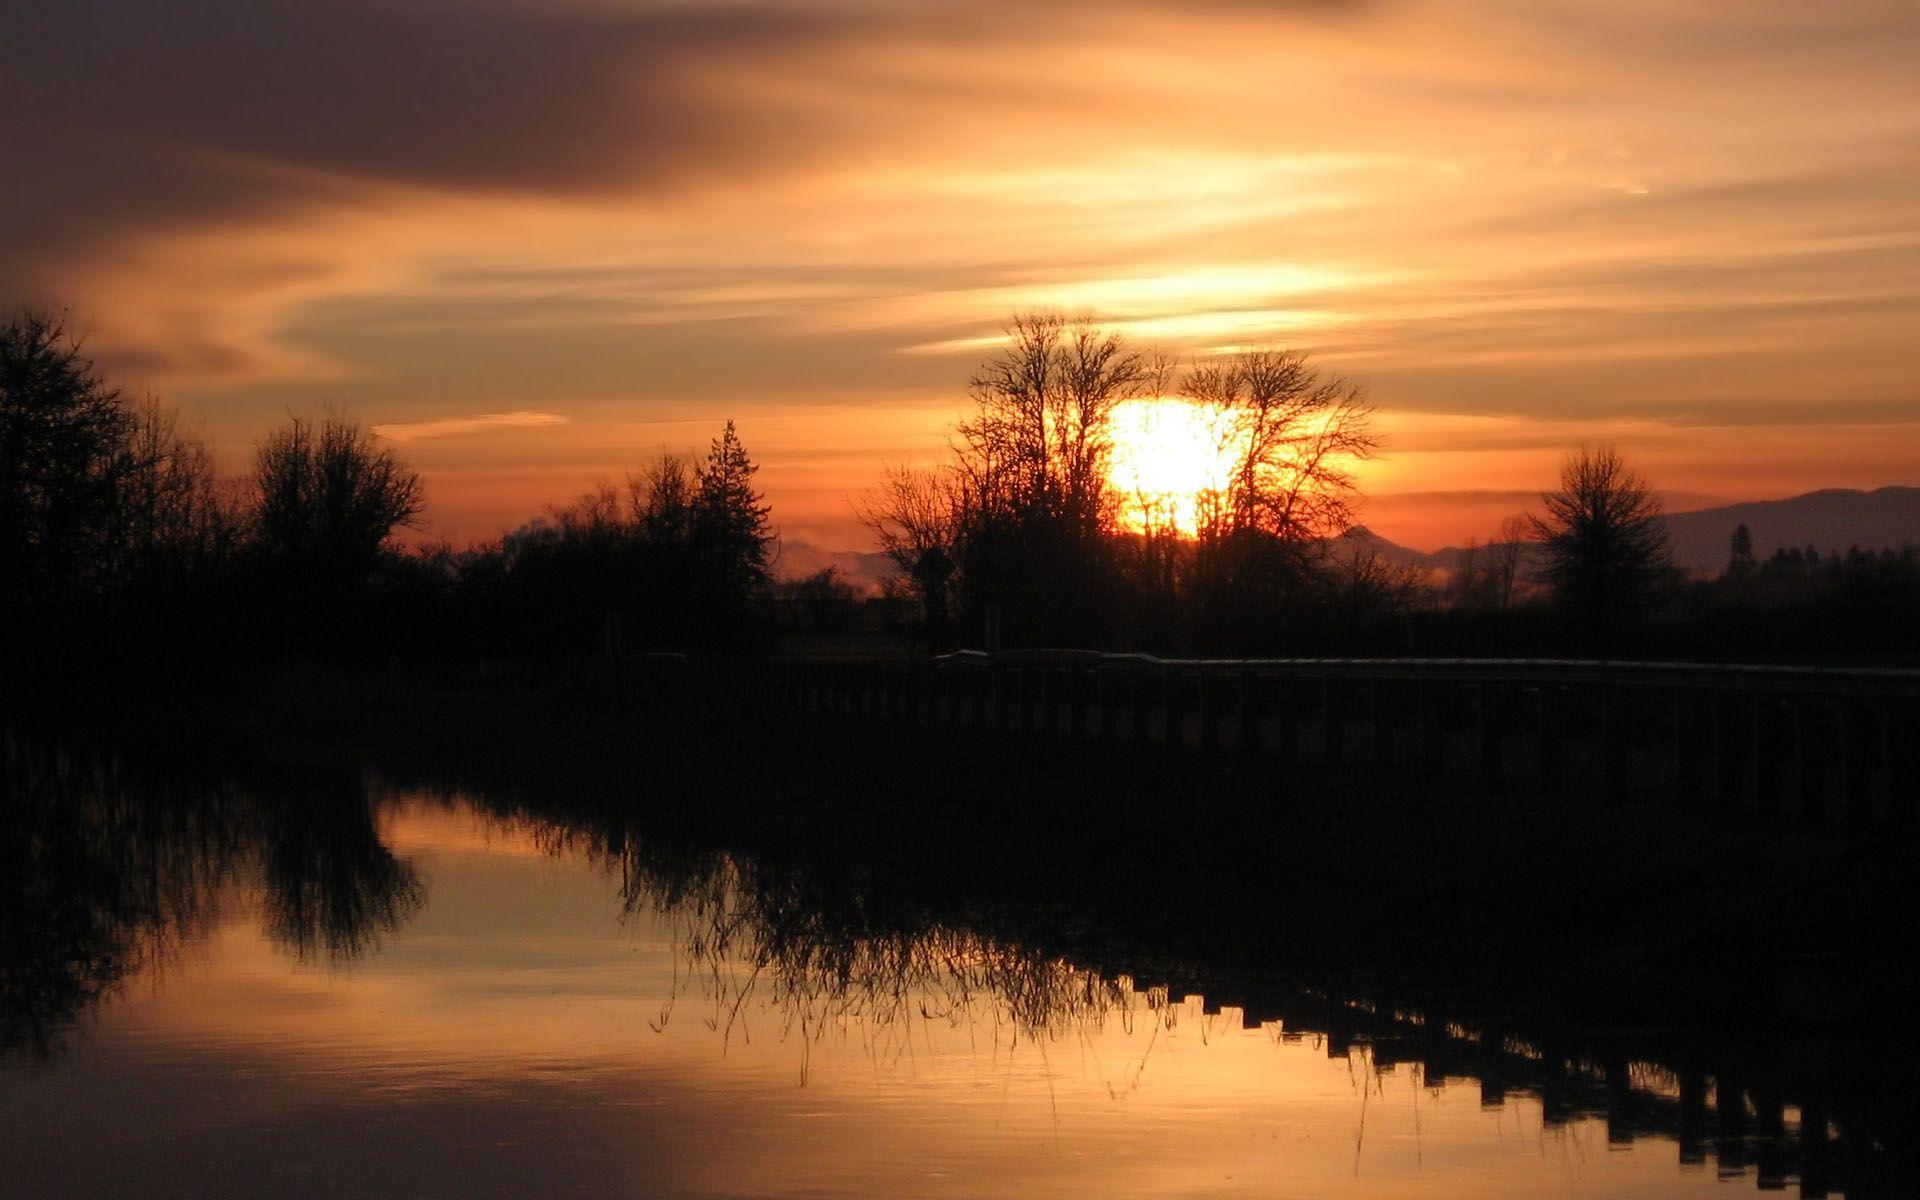 Epingle Par Ariel Thilly Sur Couchers De Soleil Sunset Coucher De Soleil Soleil